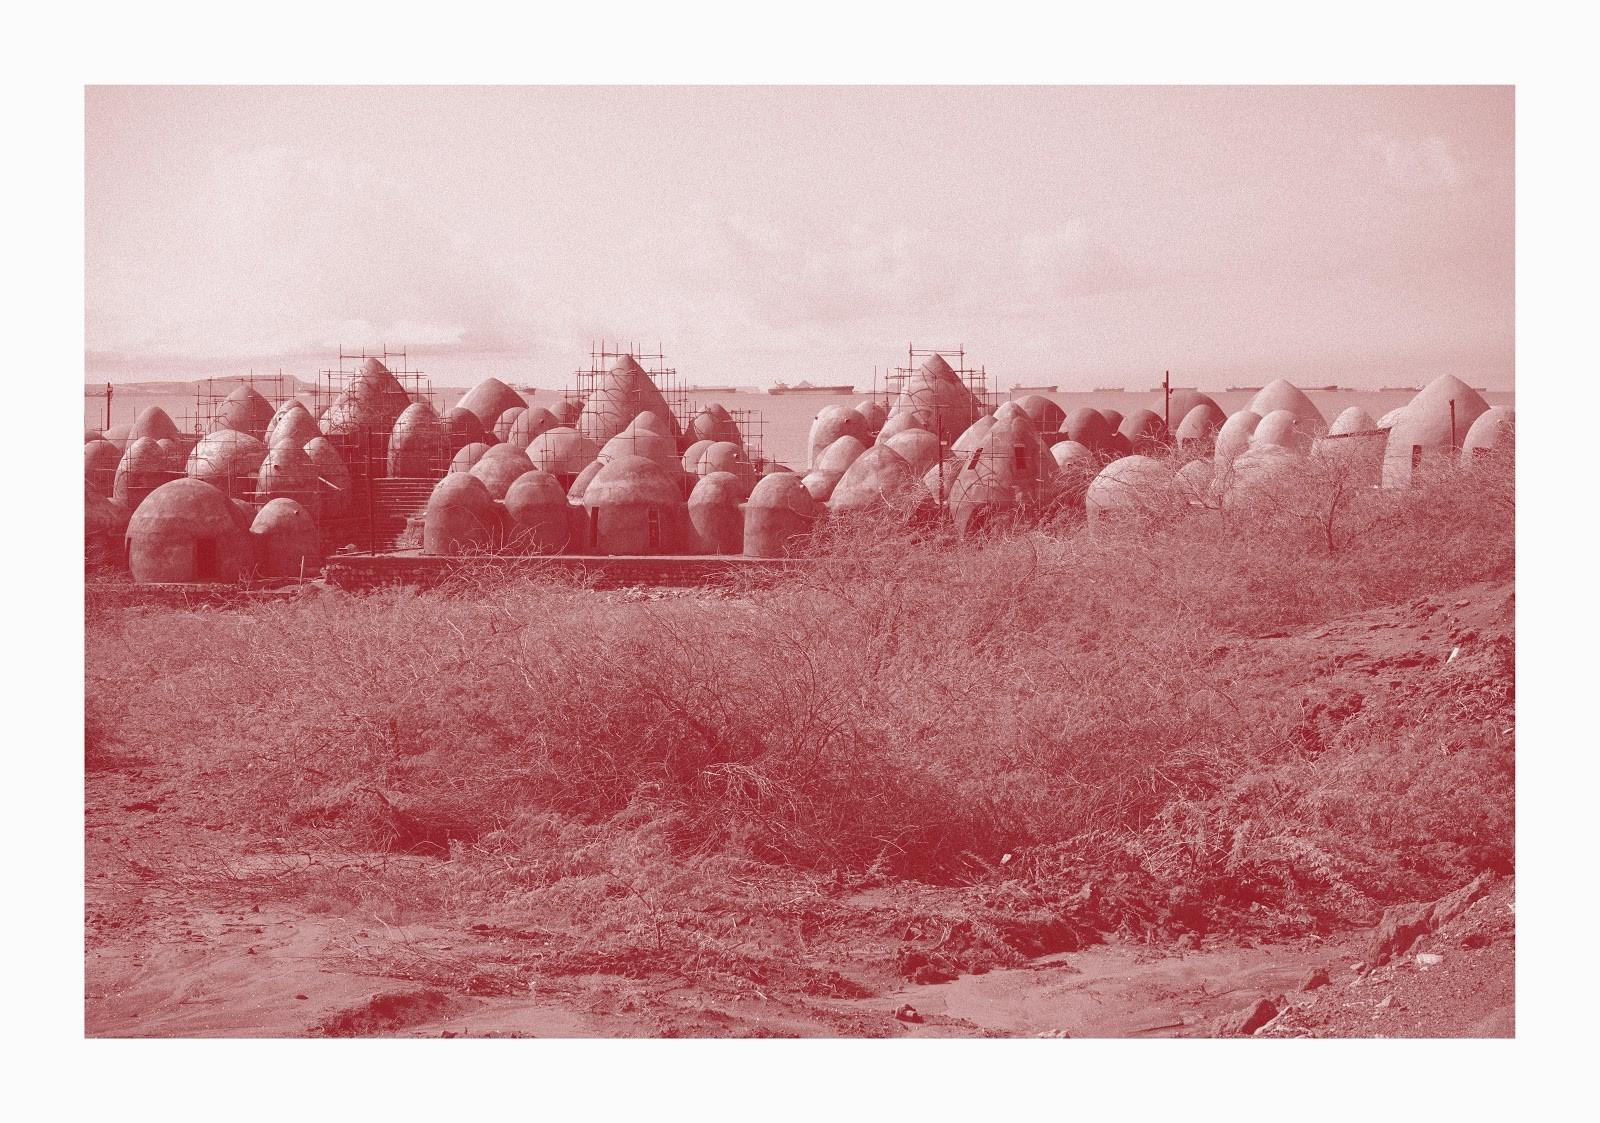 اقامتگاه بومگردی (تخممرغی)